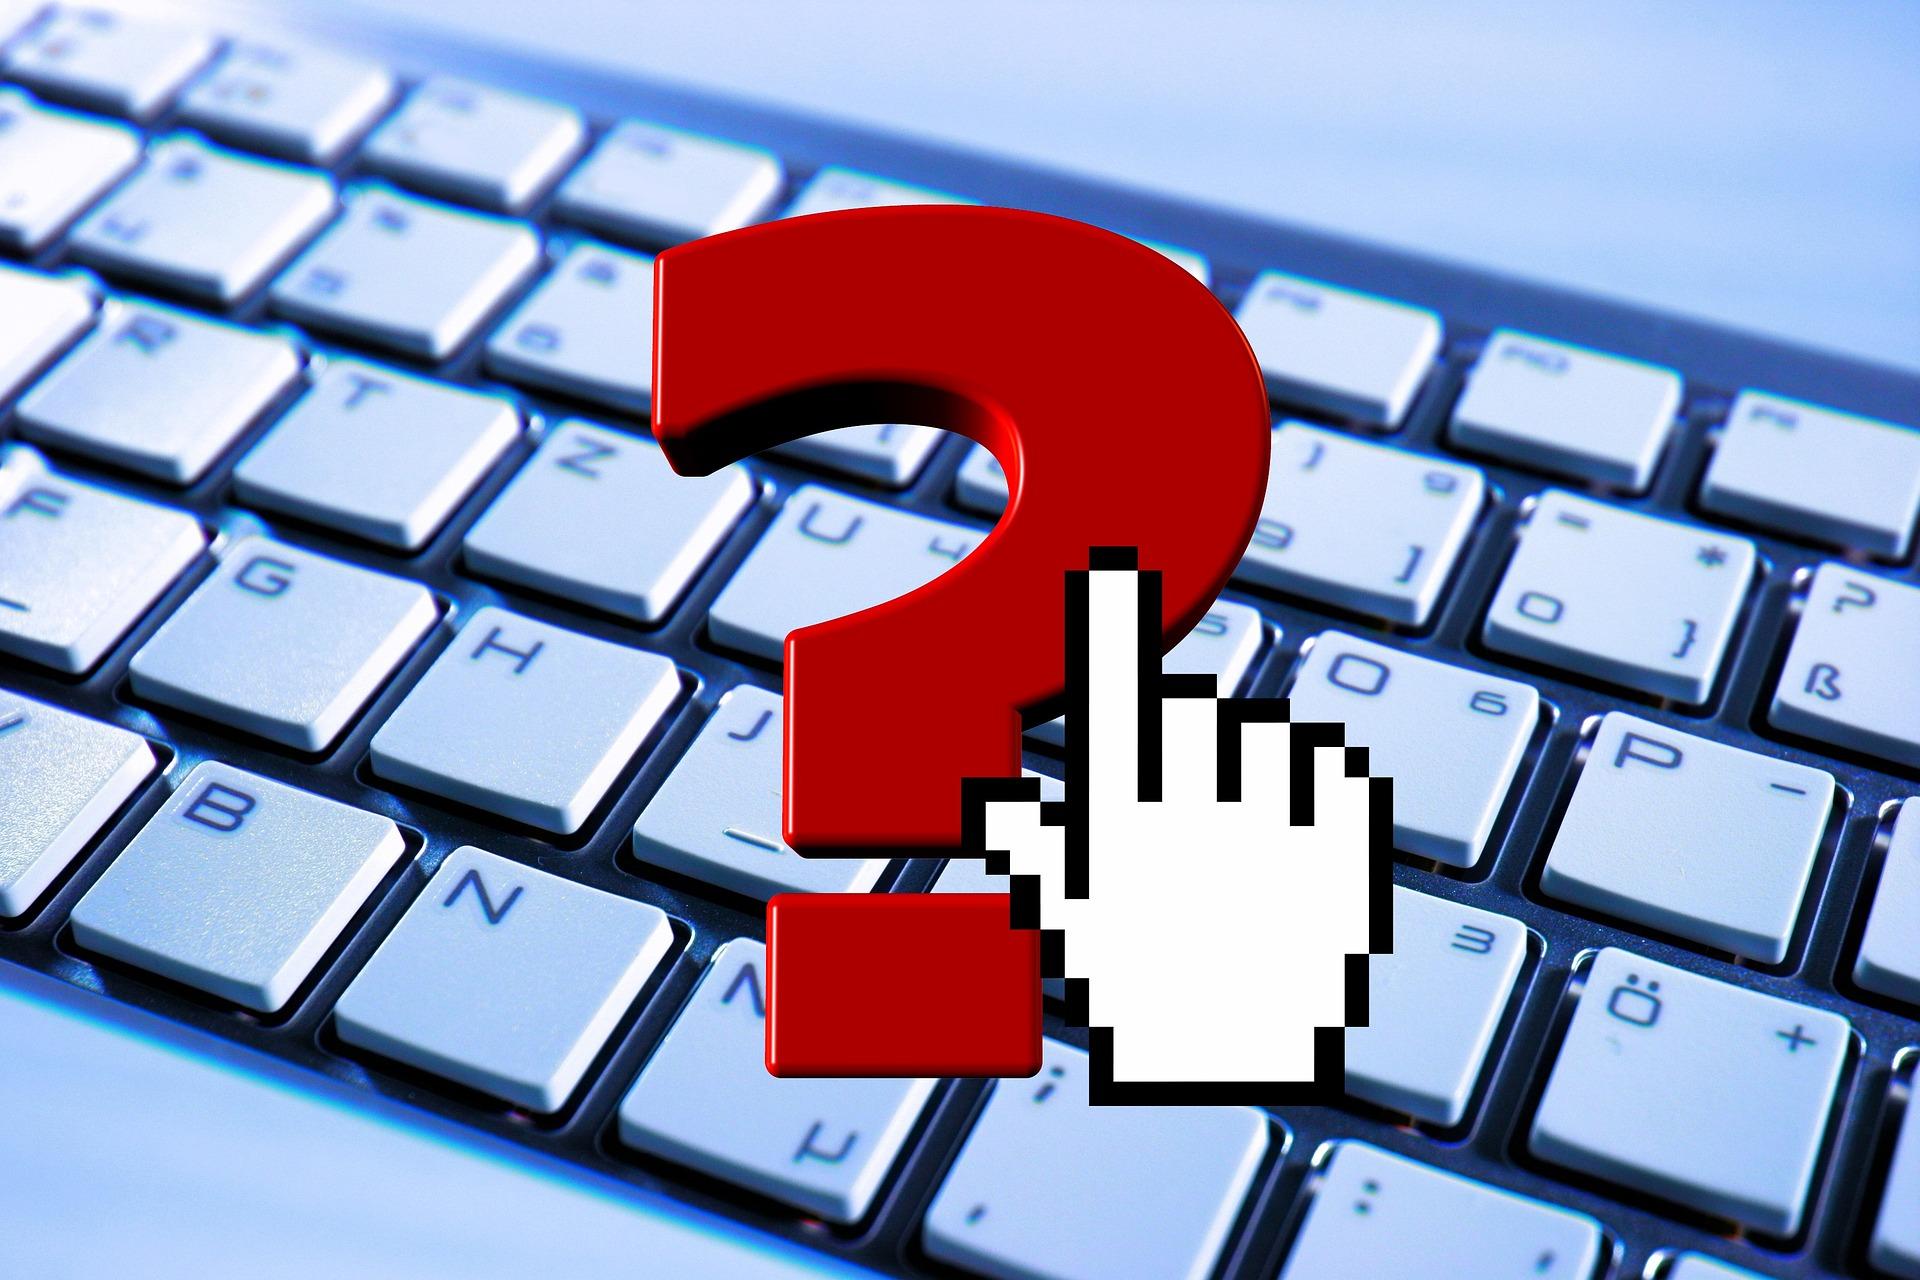 Написание текстов на заказ, услуги копирайтера. Сколько стоит 1000 знаков уникального контента у профессионалов?